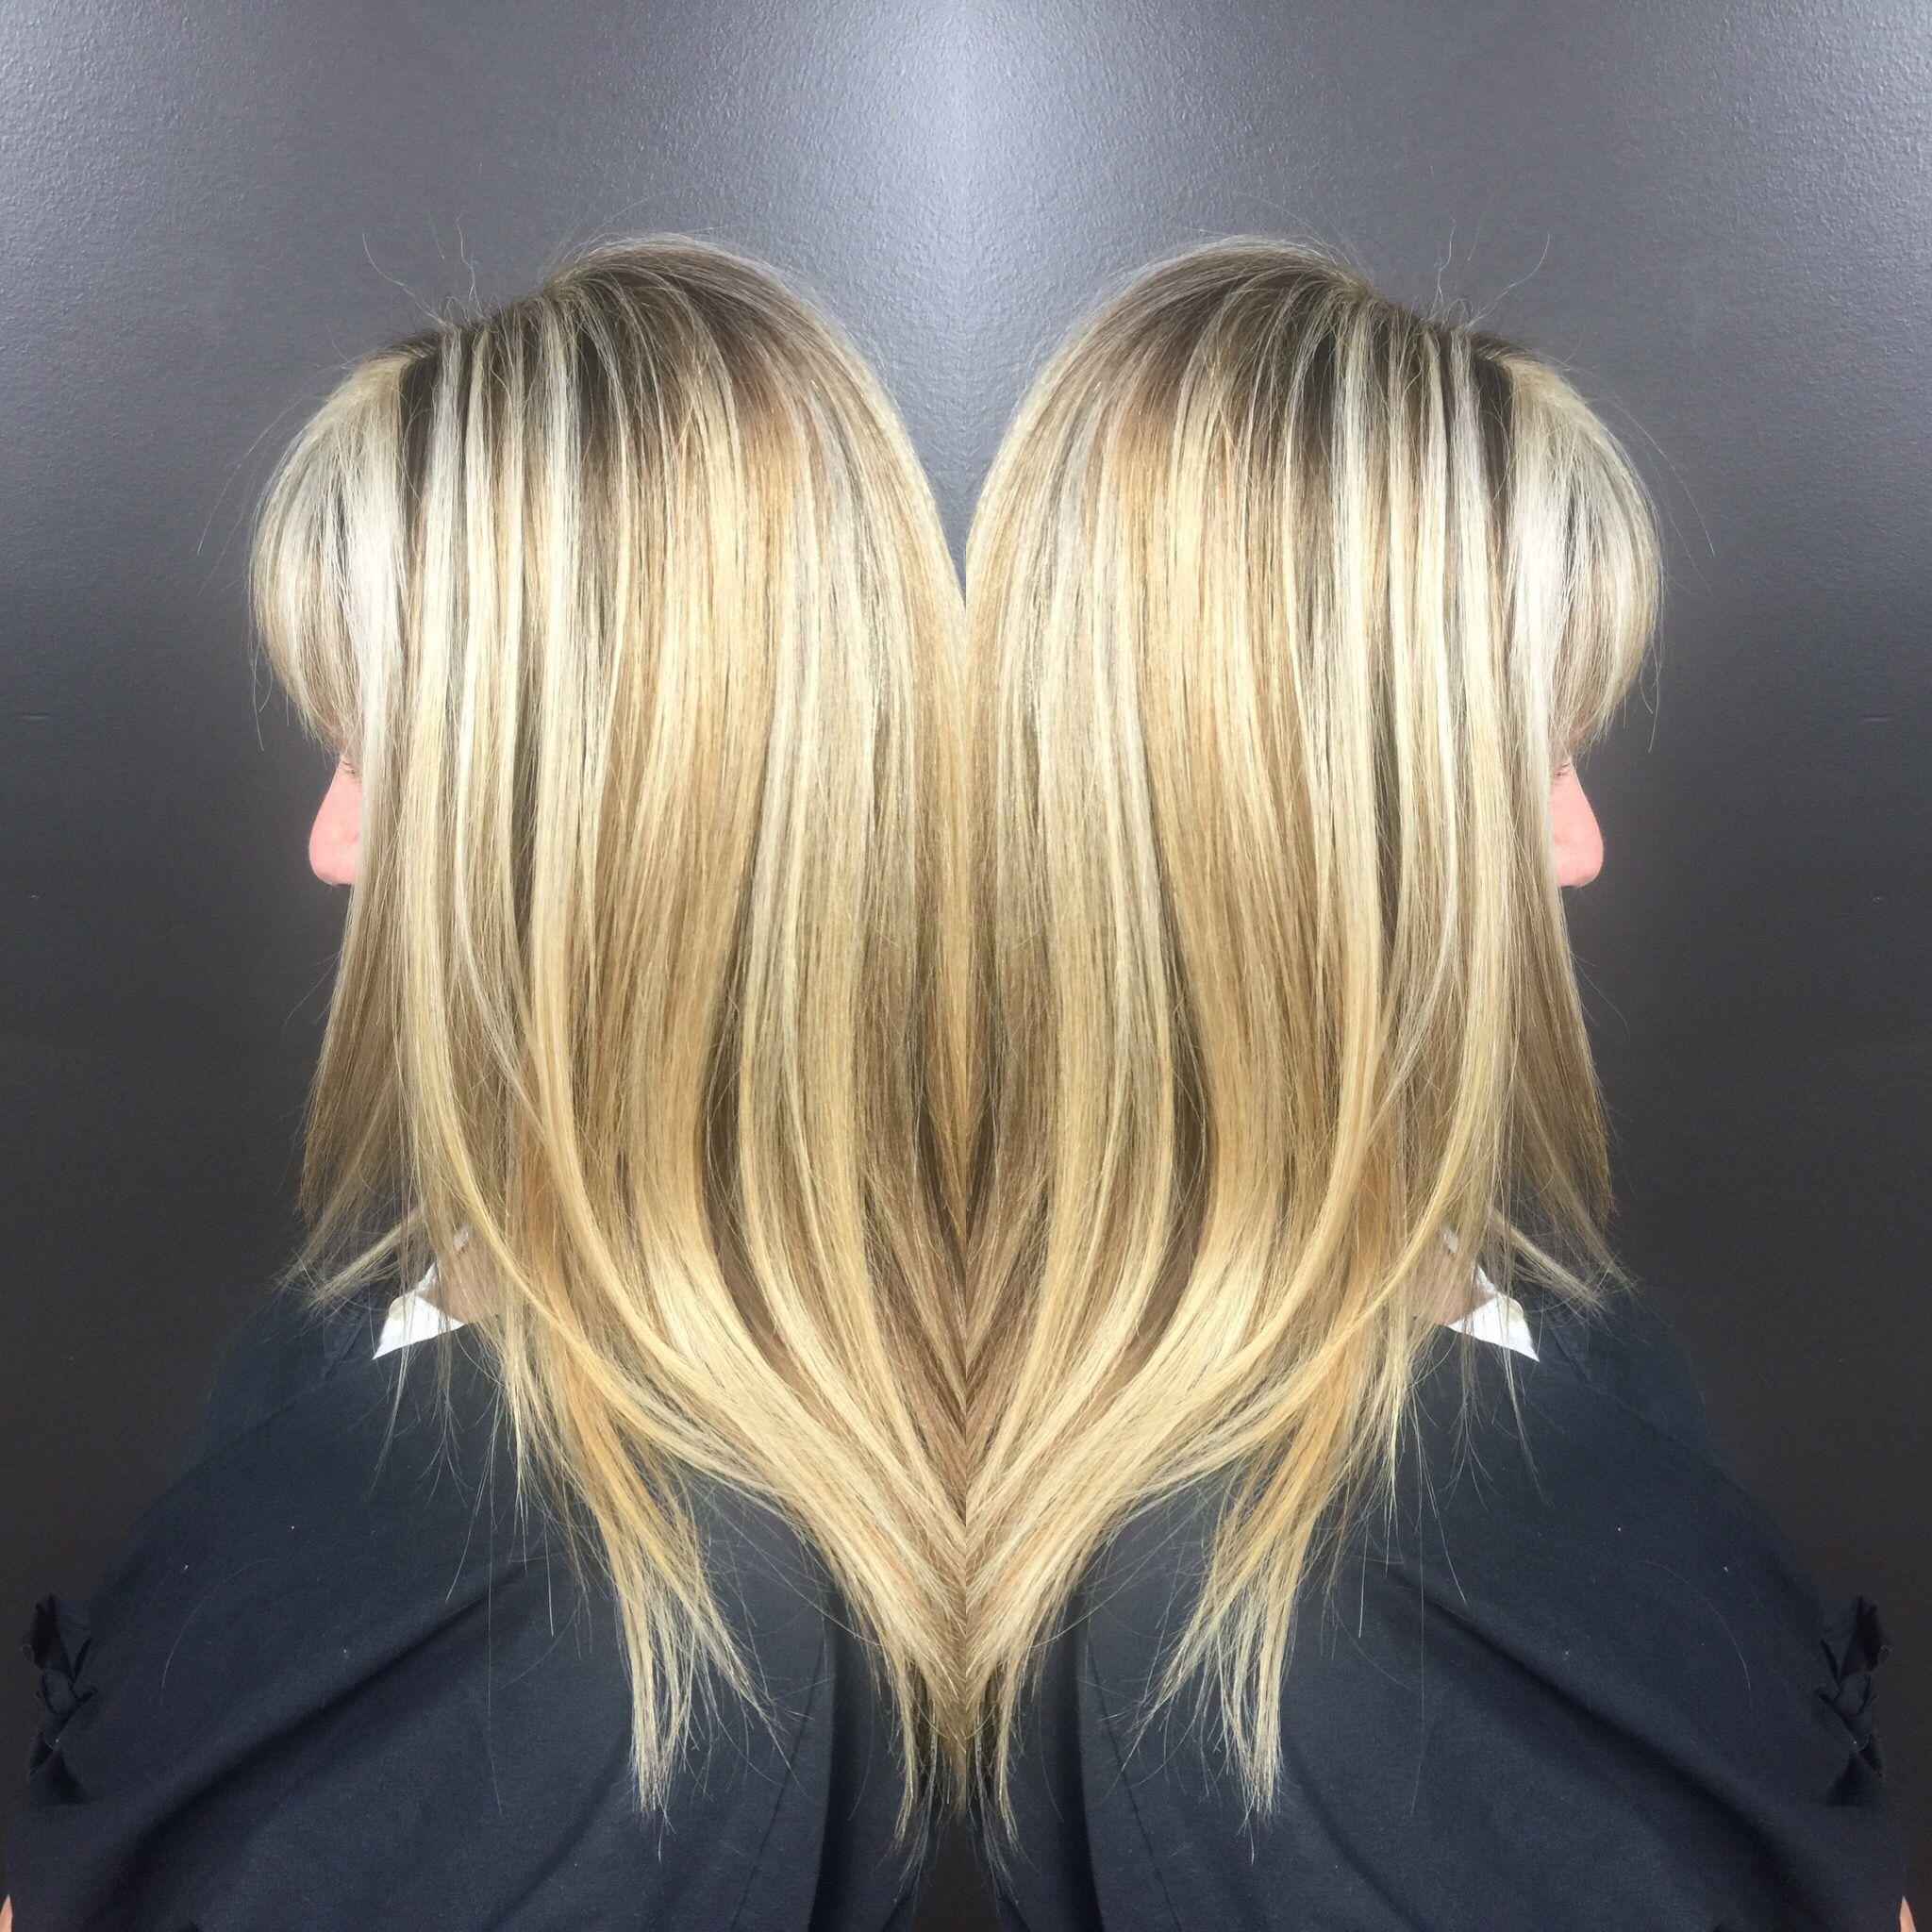 Blonde House Of Aglaia Salon Germantown Tn Long Hair Styles Hair Hair Styles